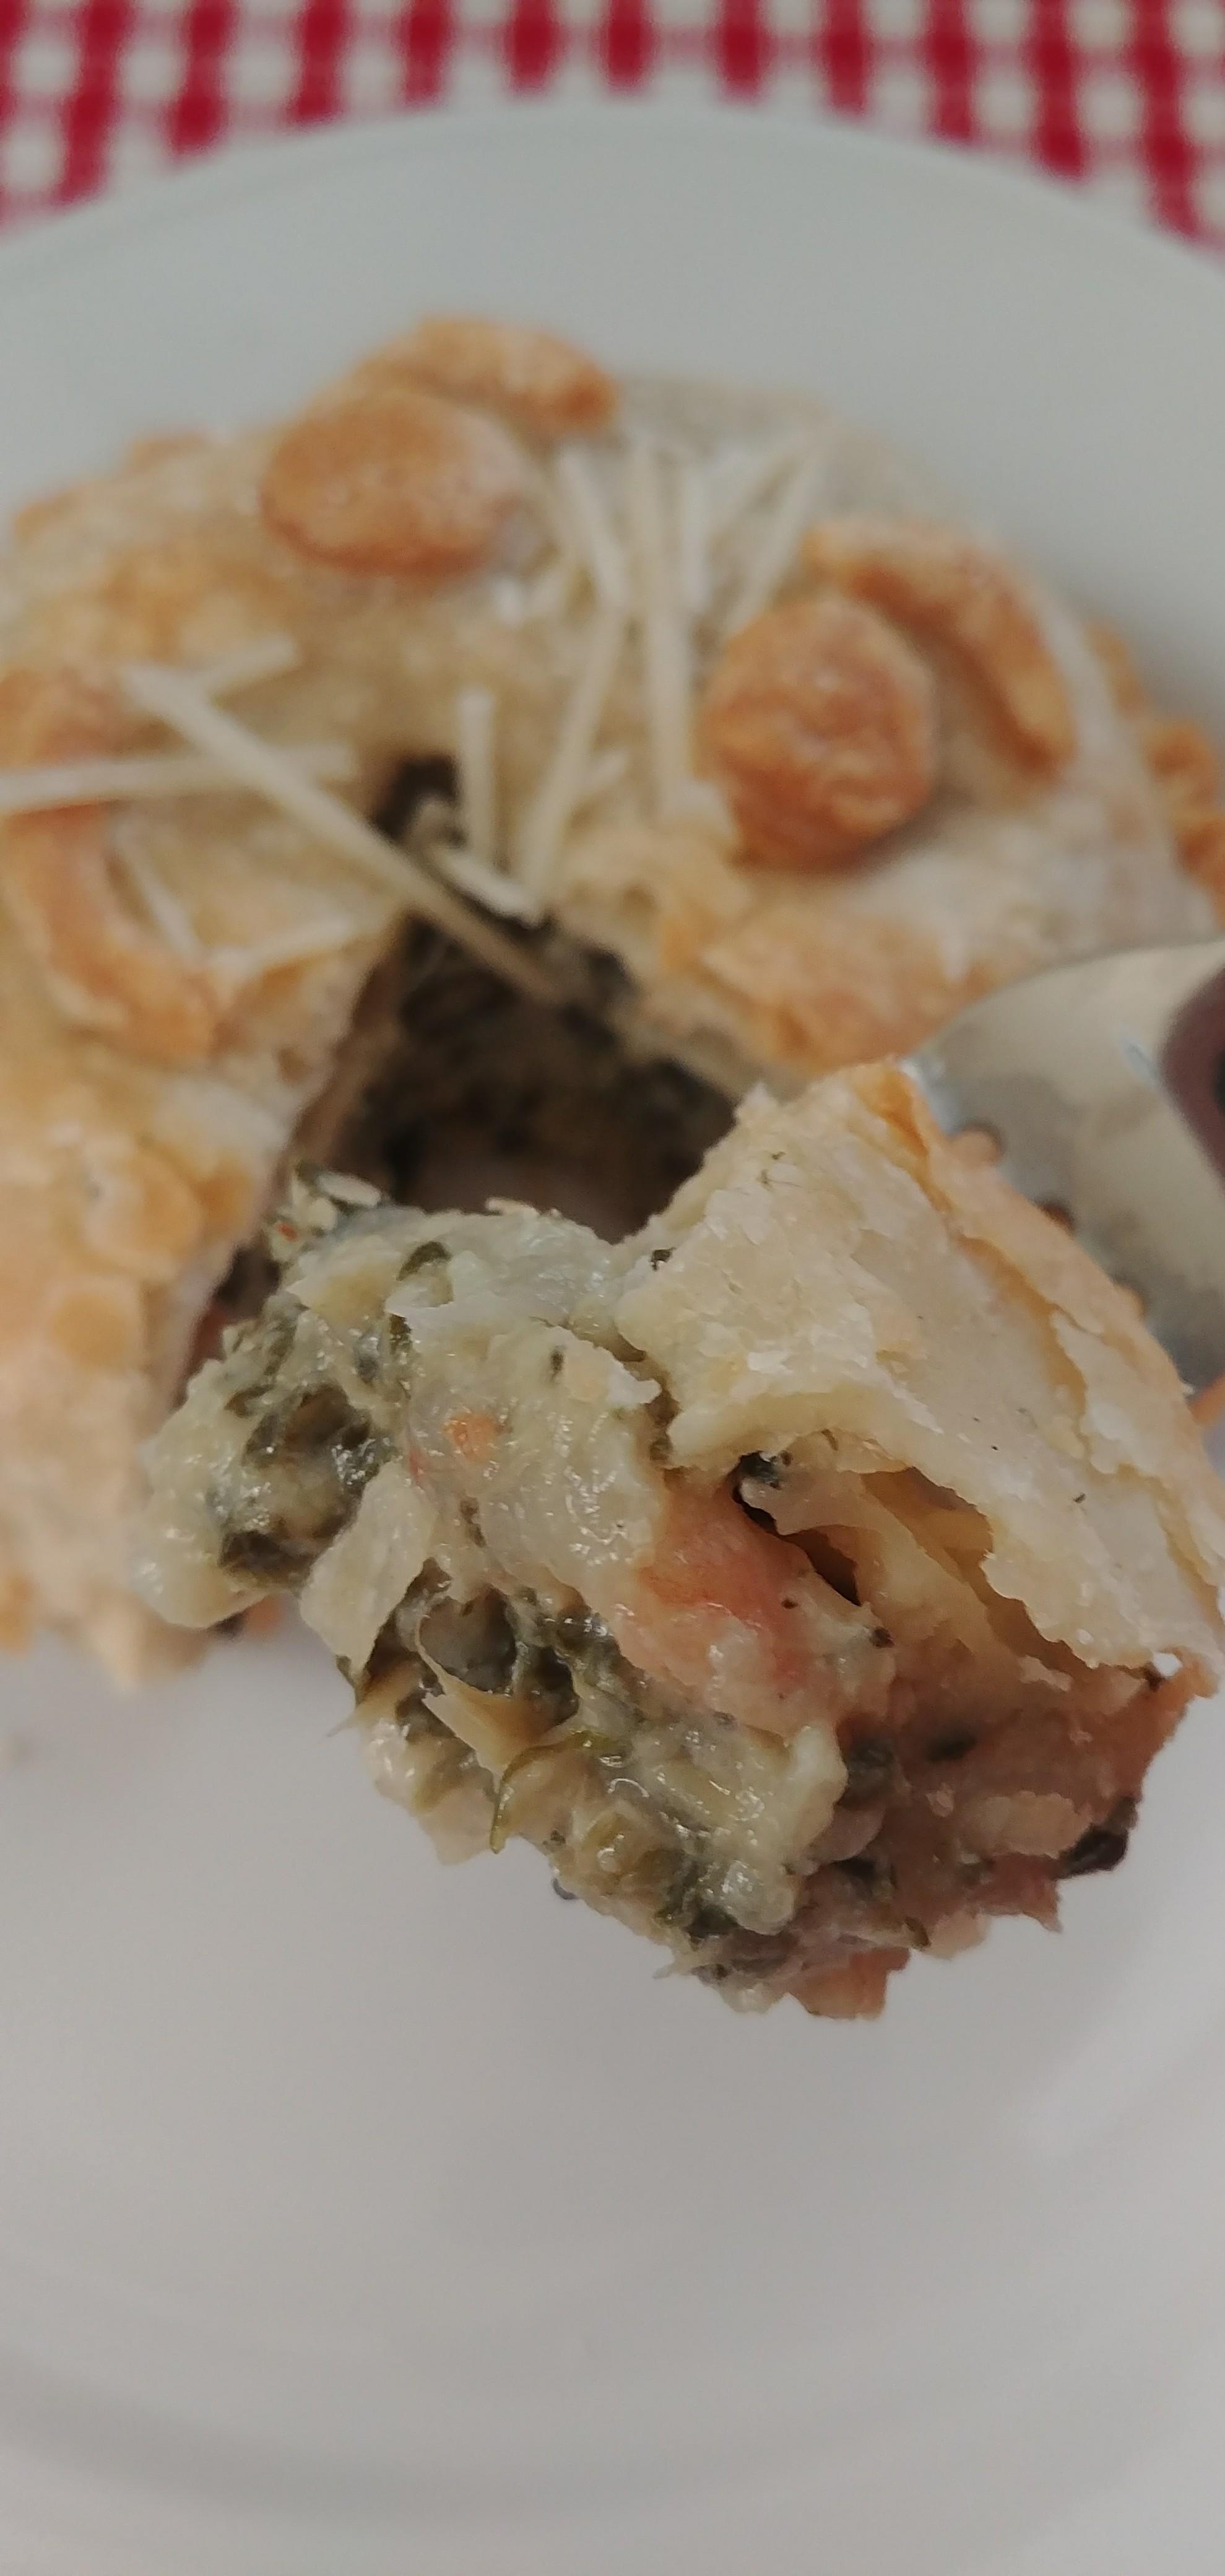 Spinach & Artichoke Dip Shrimp Pot Pie